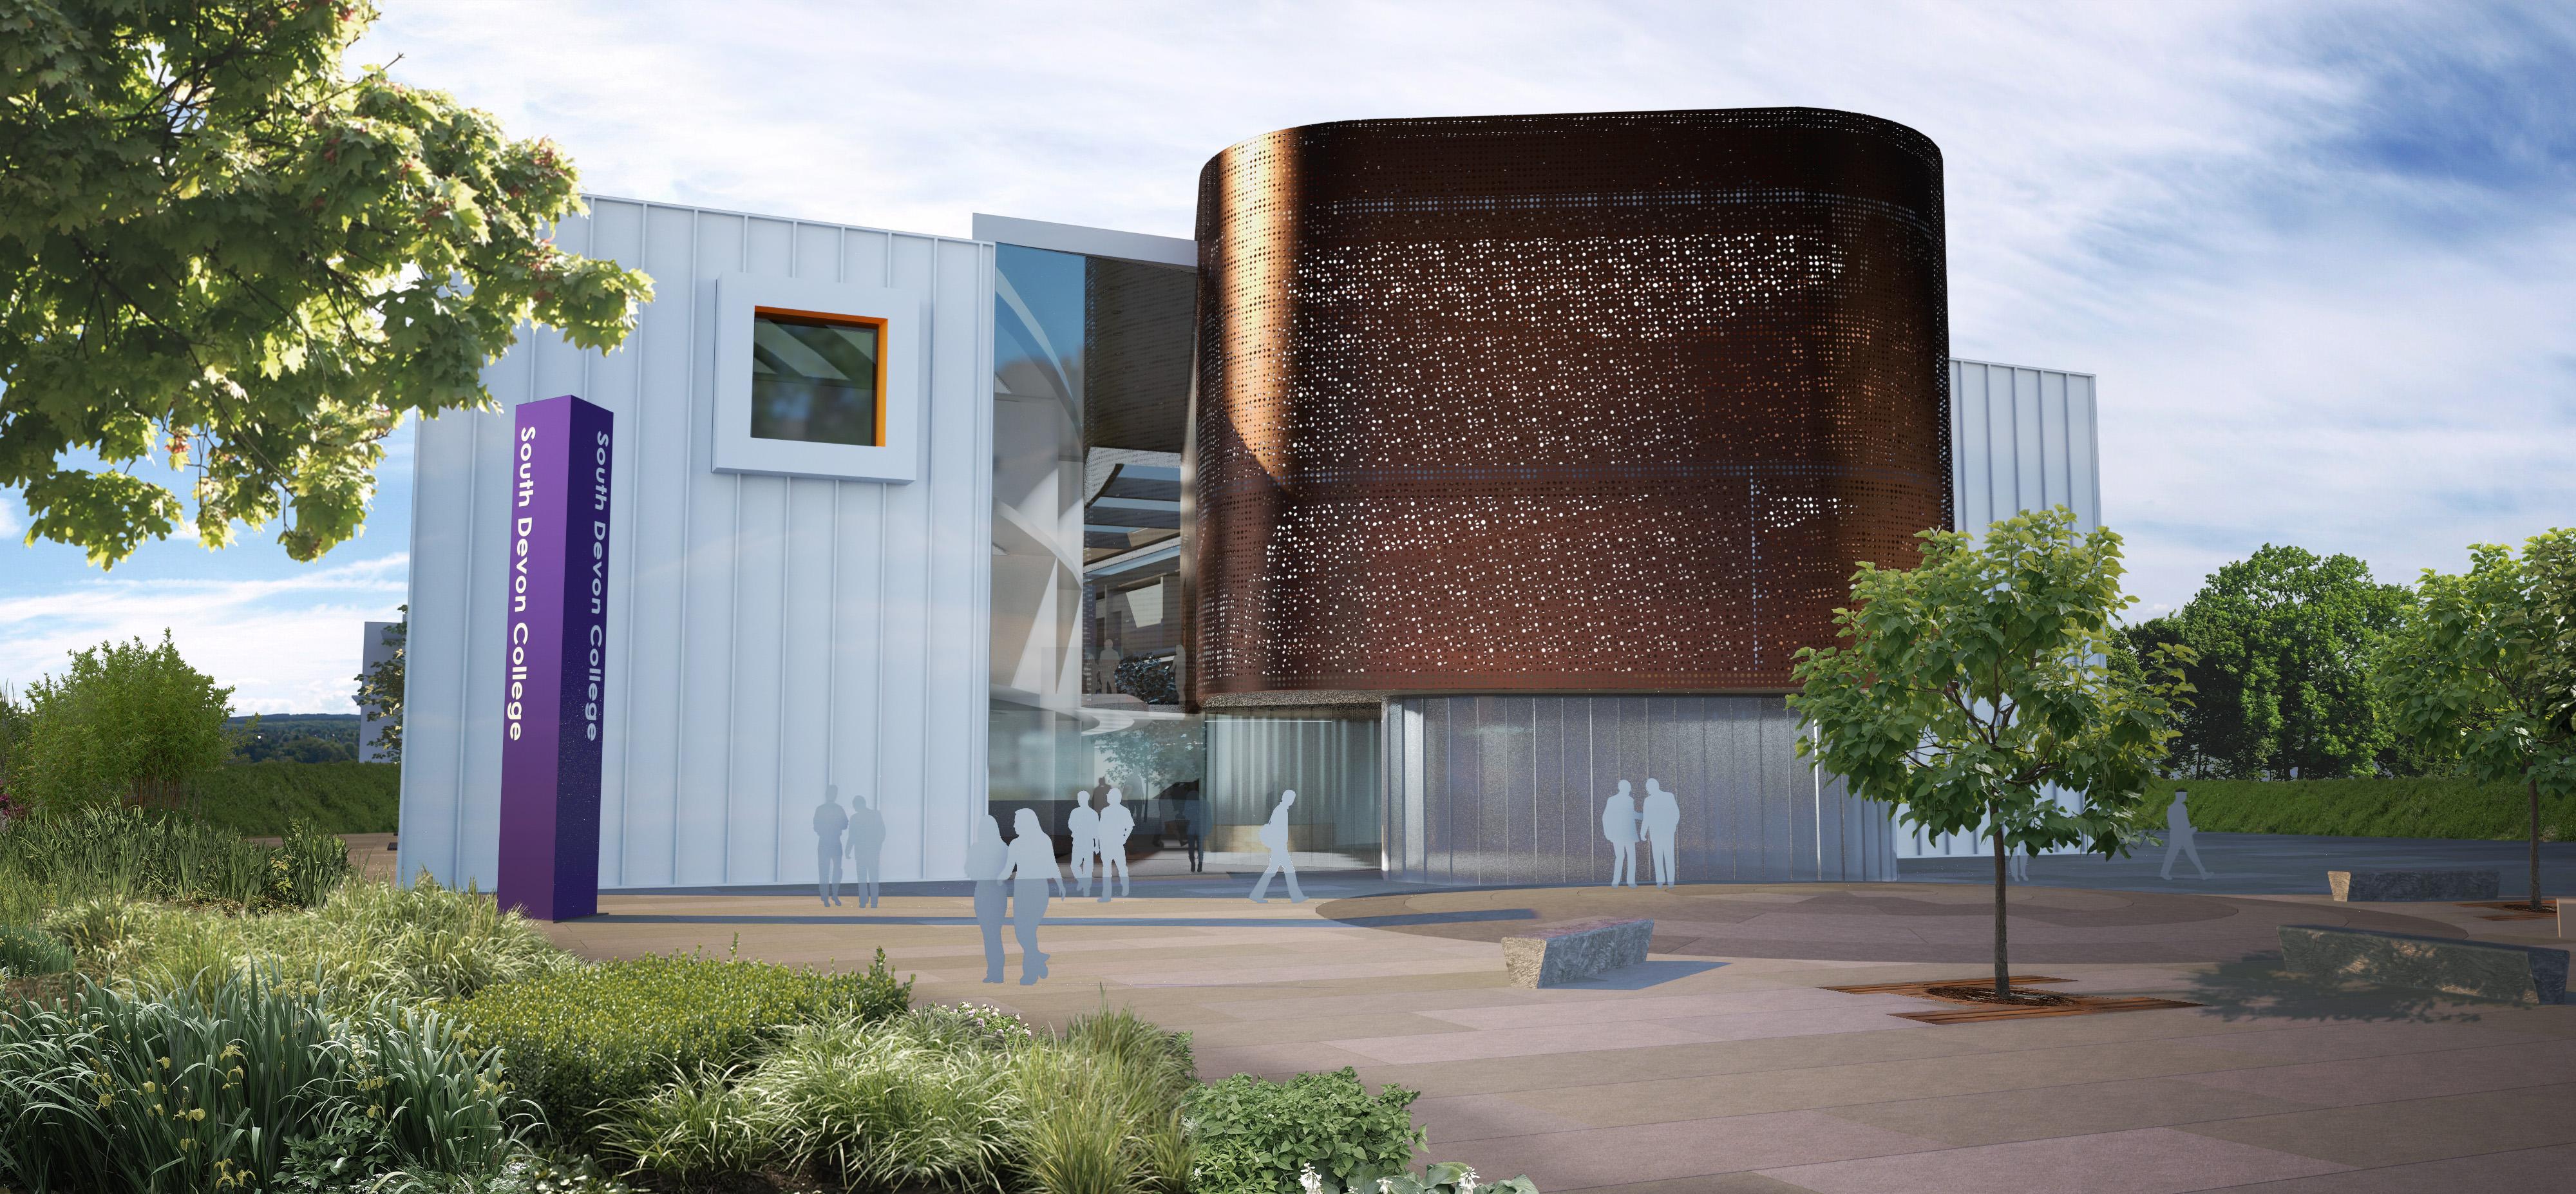 South Devon College Hi-Tech Centre vision